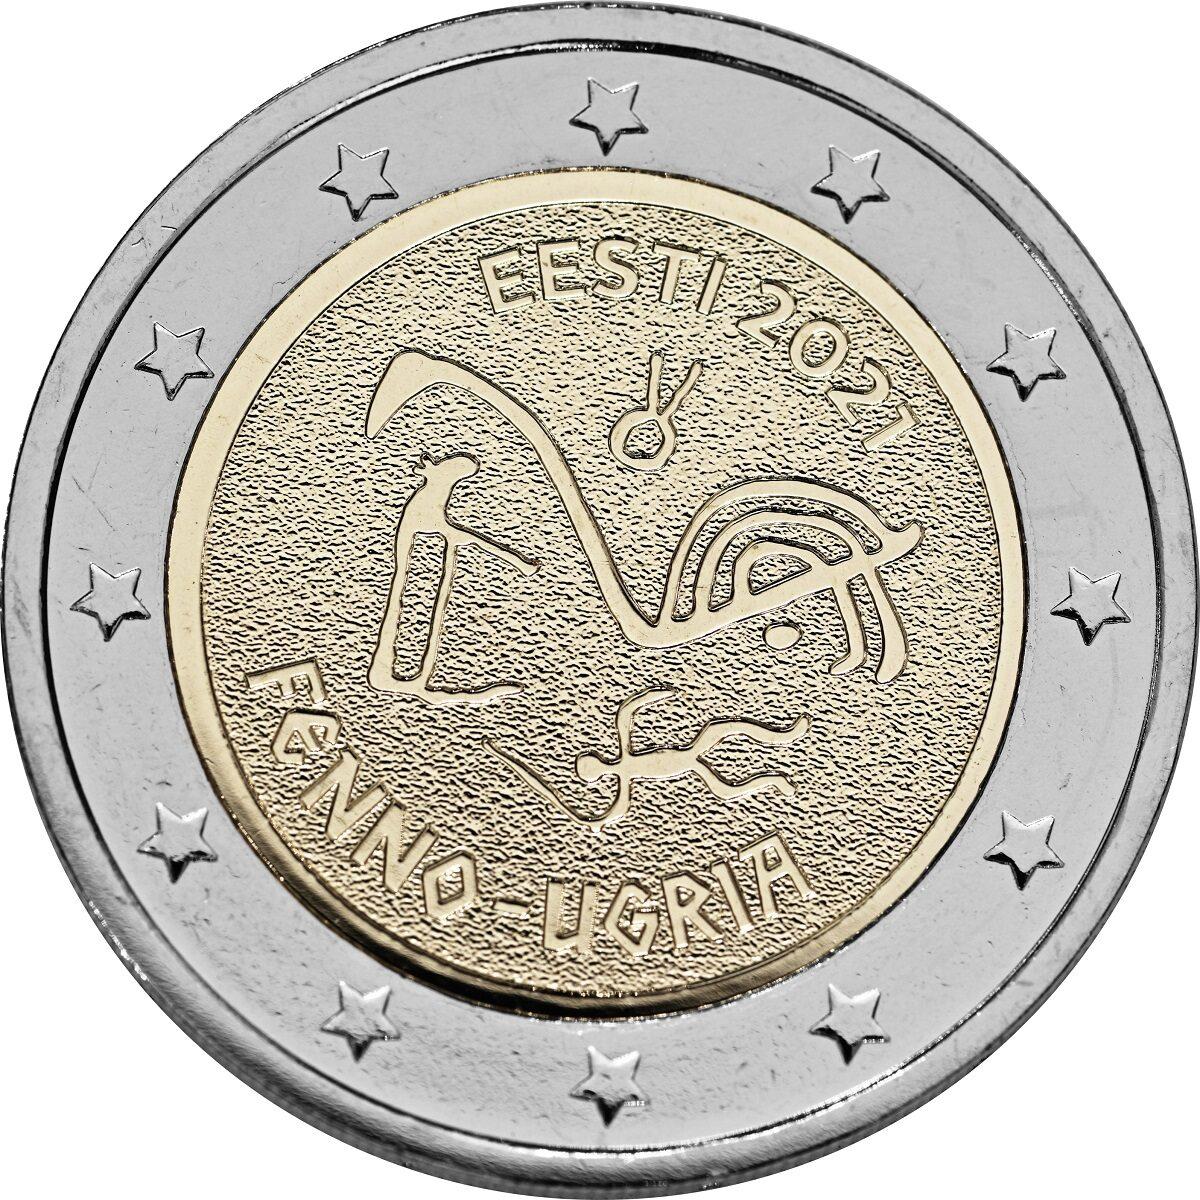 Новая монета Эстонии номиналом 2 евро. Фото: Eesti Pank